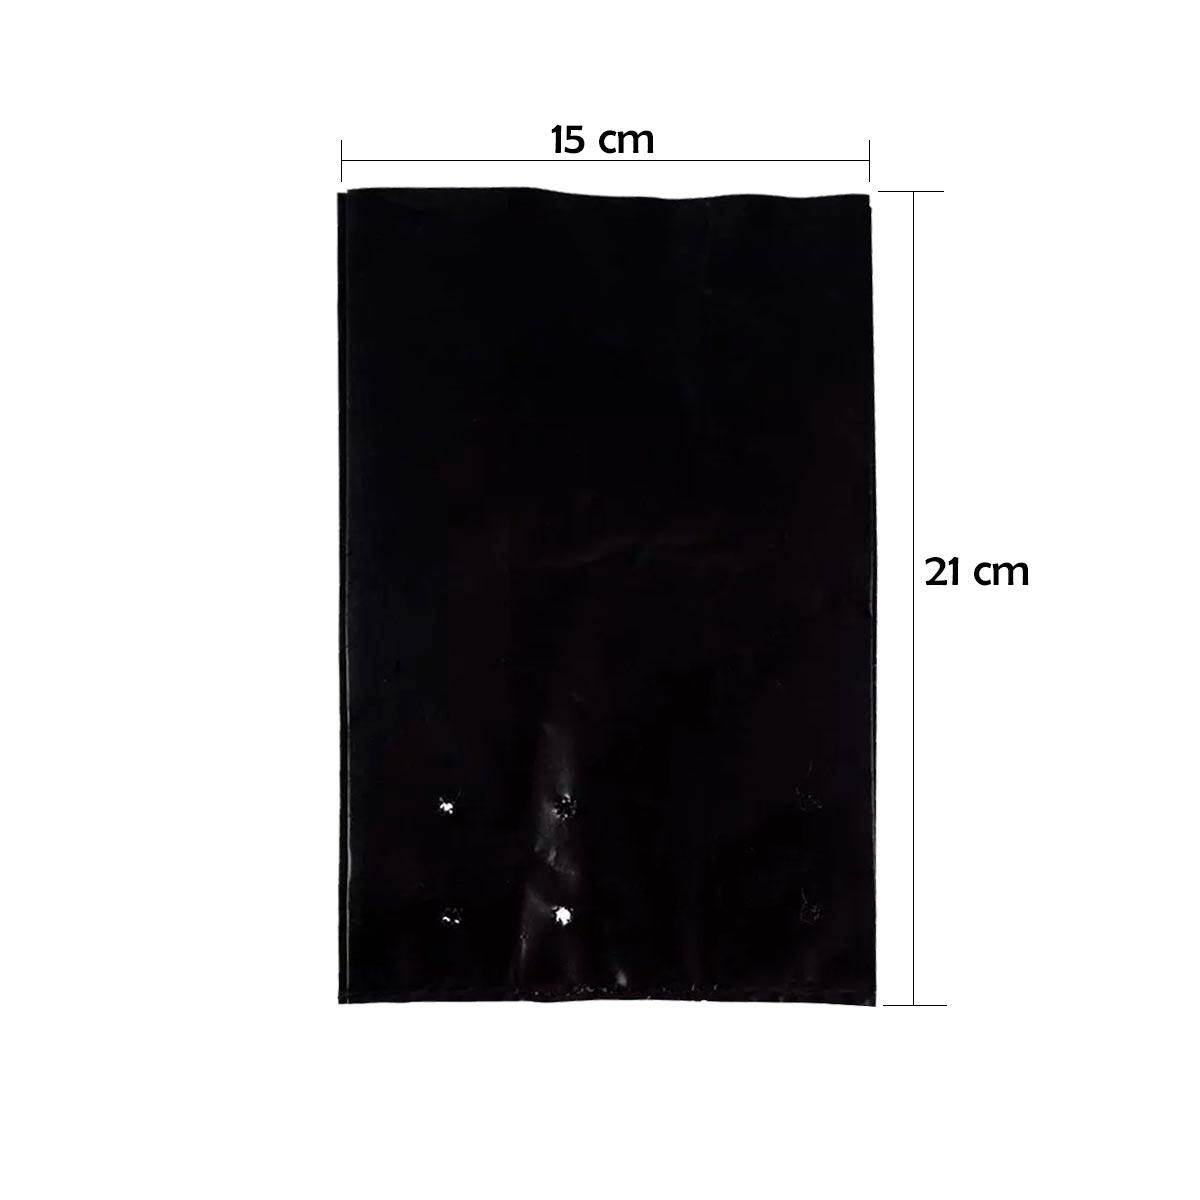 SACOLA PARA MUDA 15 X 25 X 05 RECICLADA (15x21 cm) - 500 UN